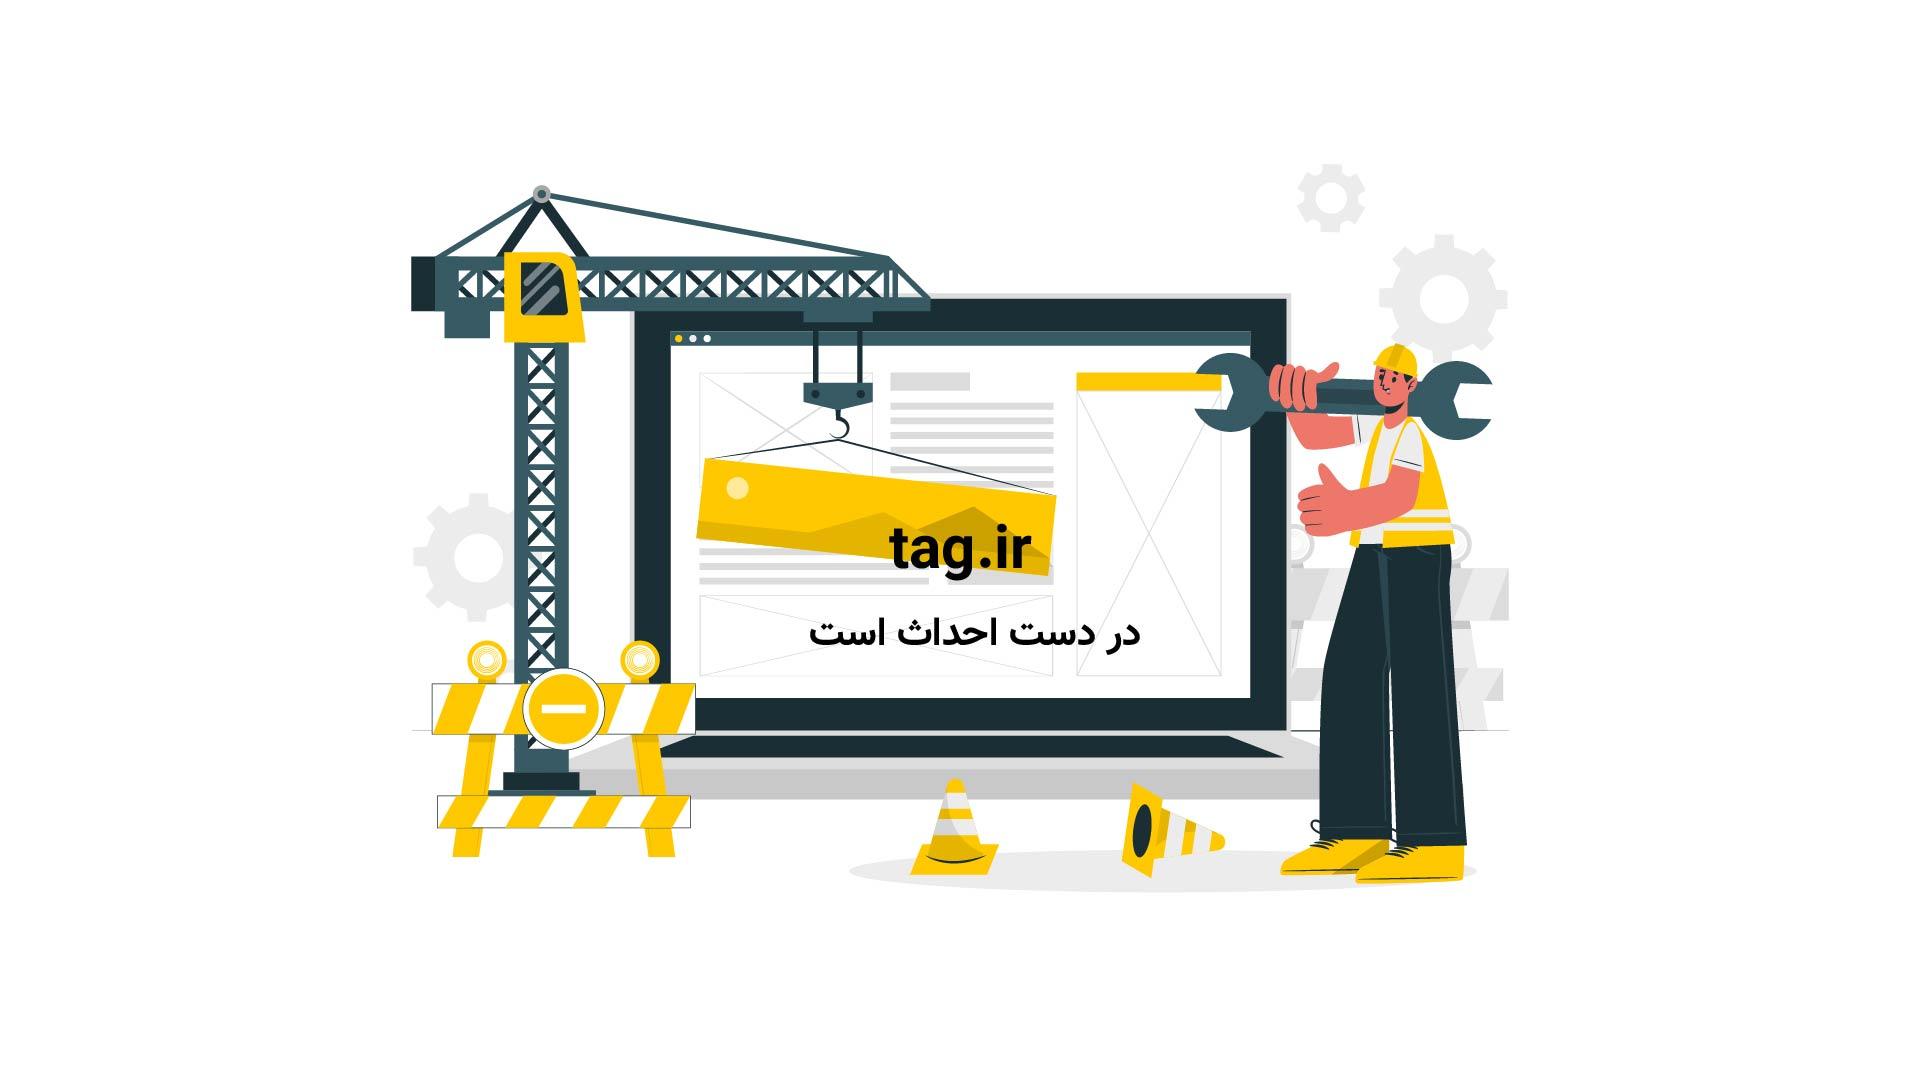 تصاویر-هوایی-برف | تگ